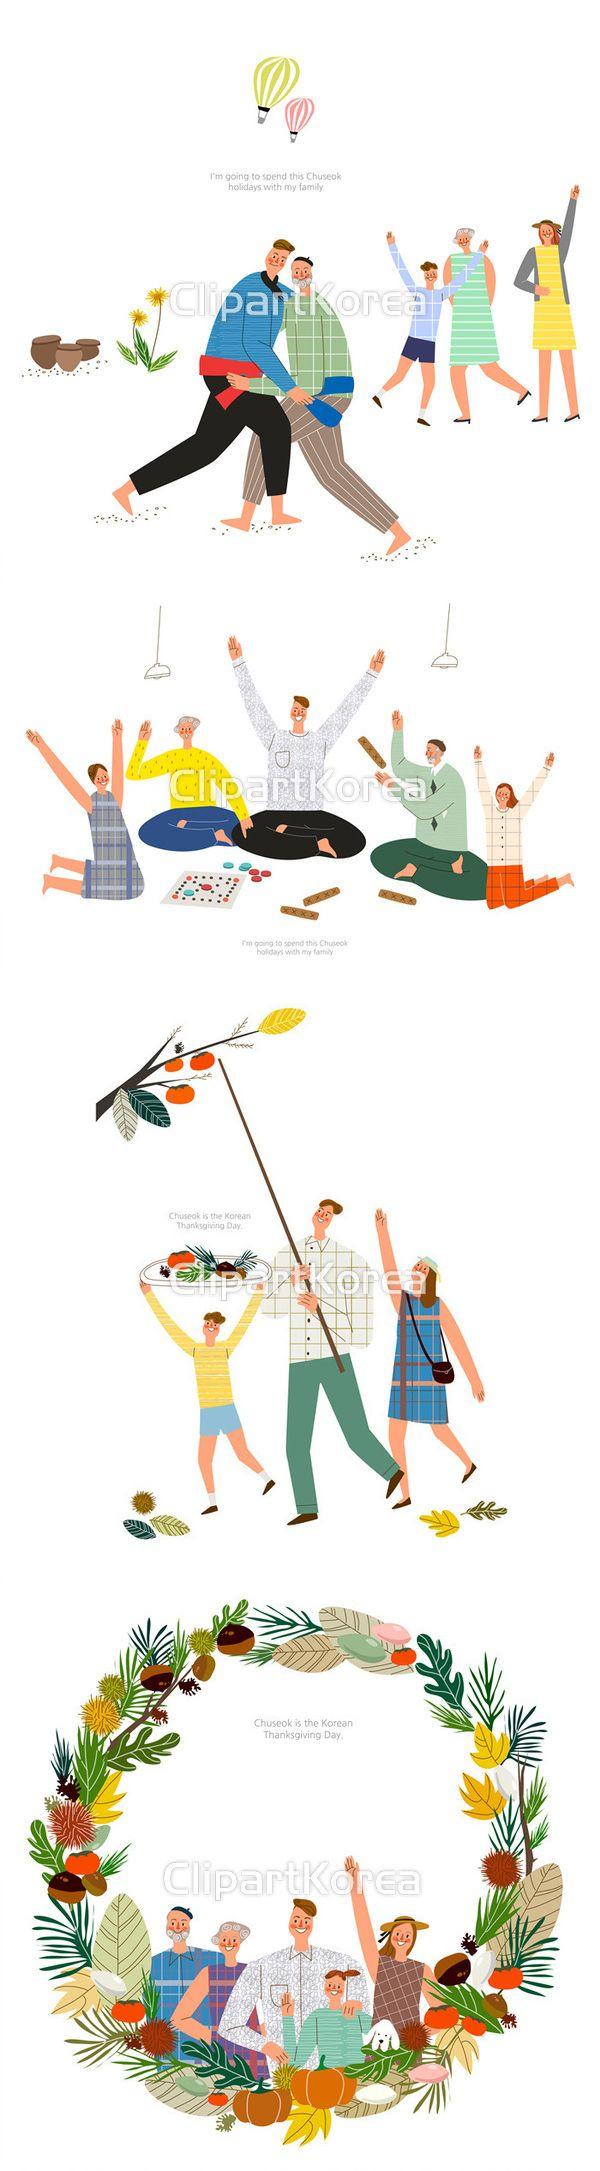 일러스트 가을 가족 감 명절 밤 부부 송편 어른 자녀 추석 프레임 할머니 할아버지 함께함 시골 행복 호박 화목 화환 수확 계절 illust…